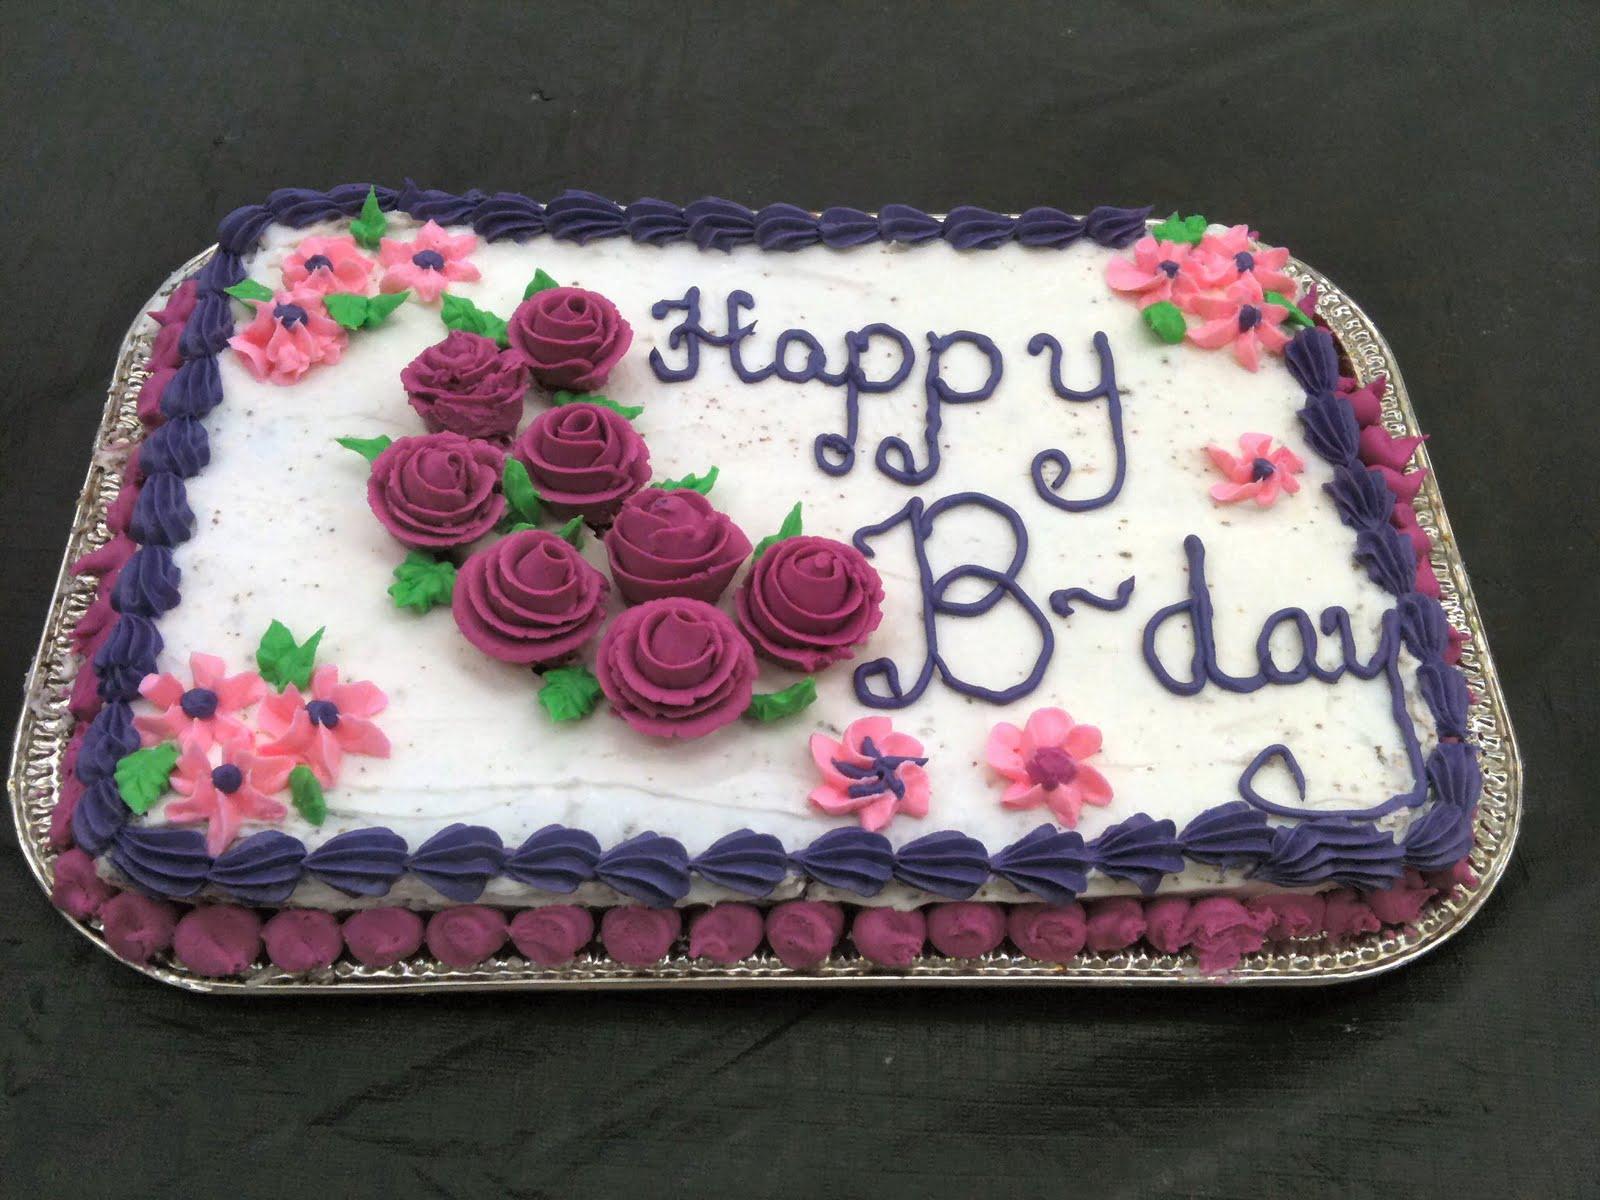 Basics Of Cake Decorating : Cake Decorating by Sonia: May Decorating Basics - Final ...